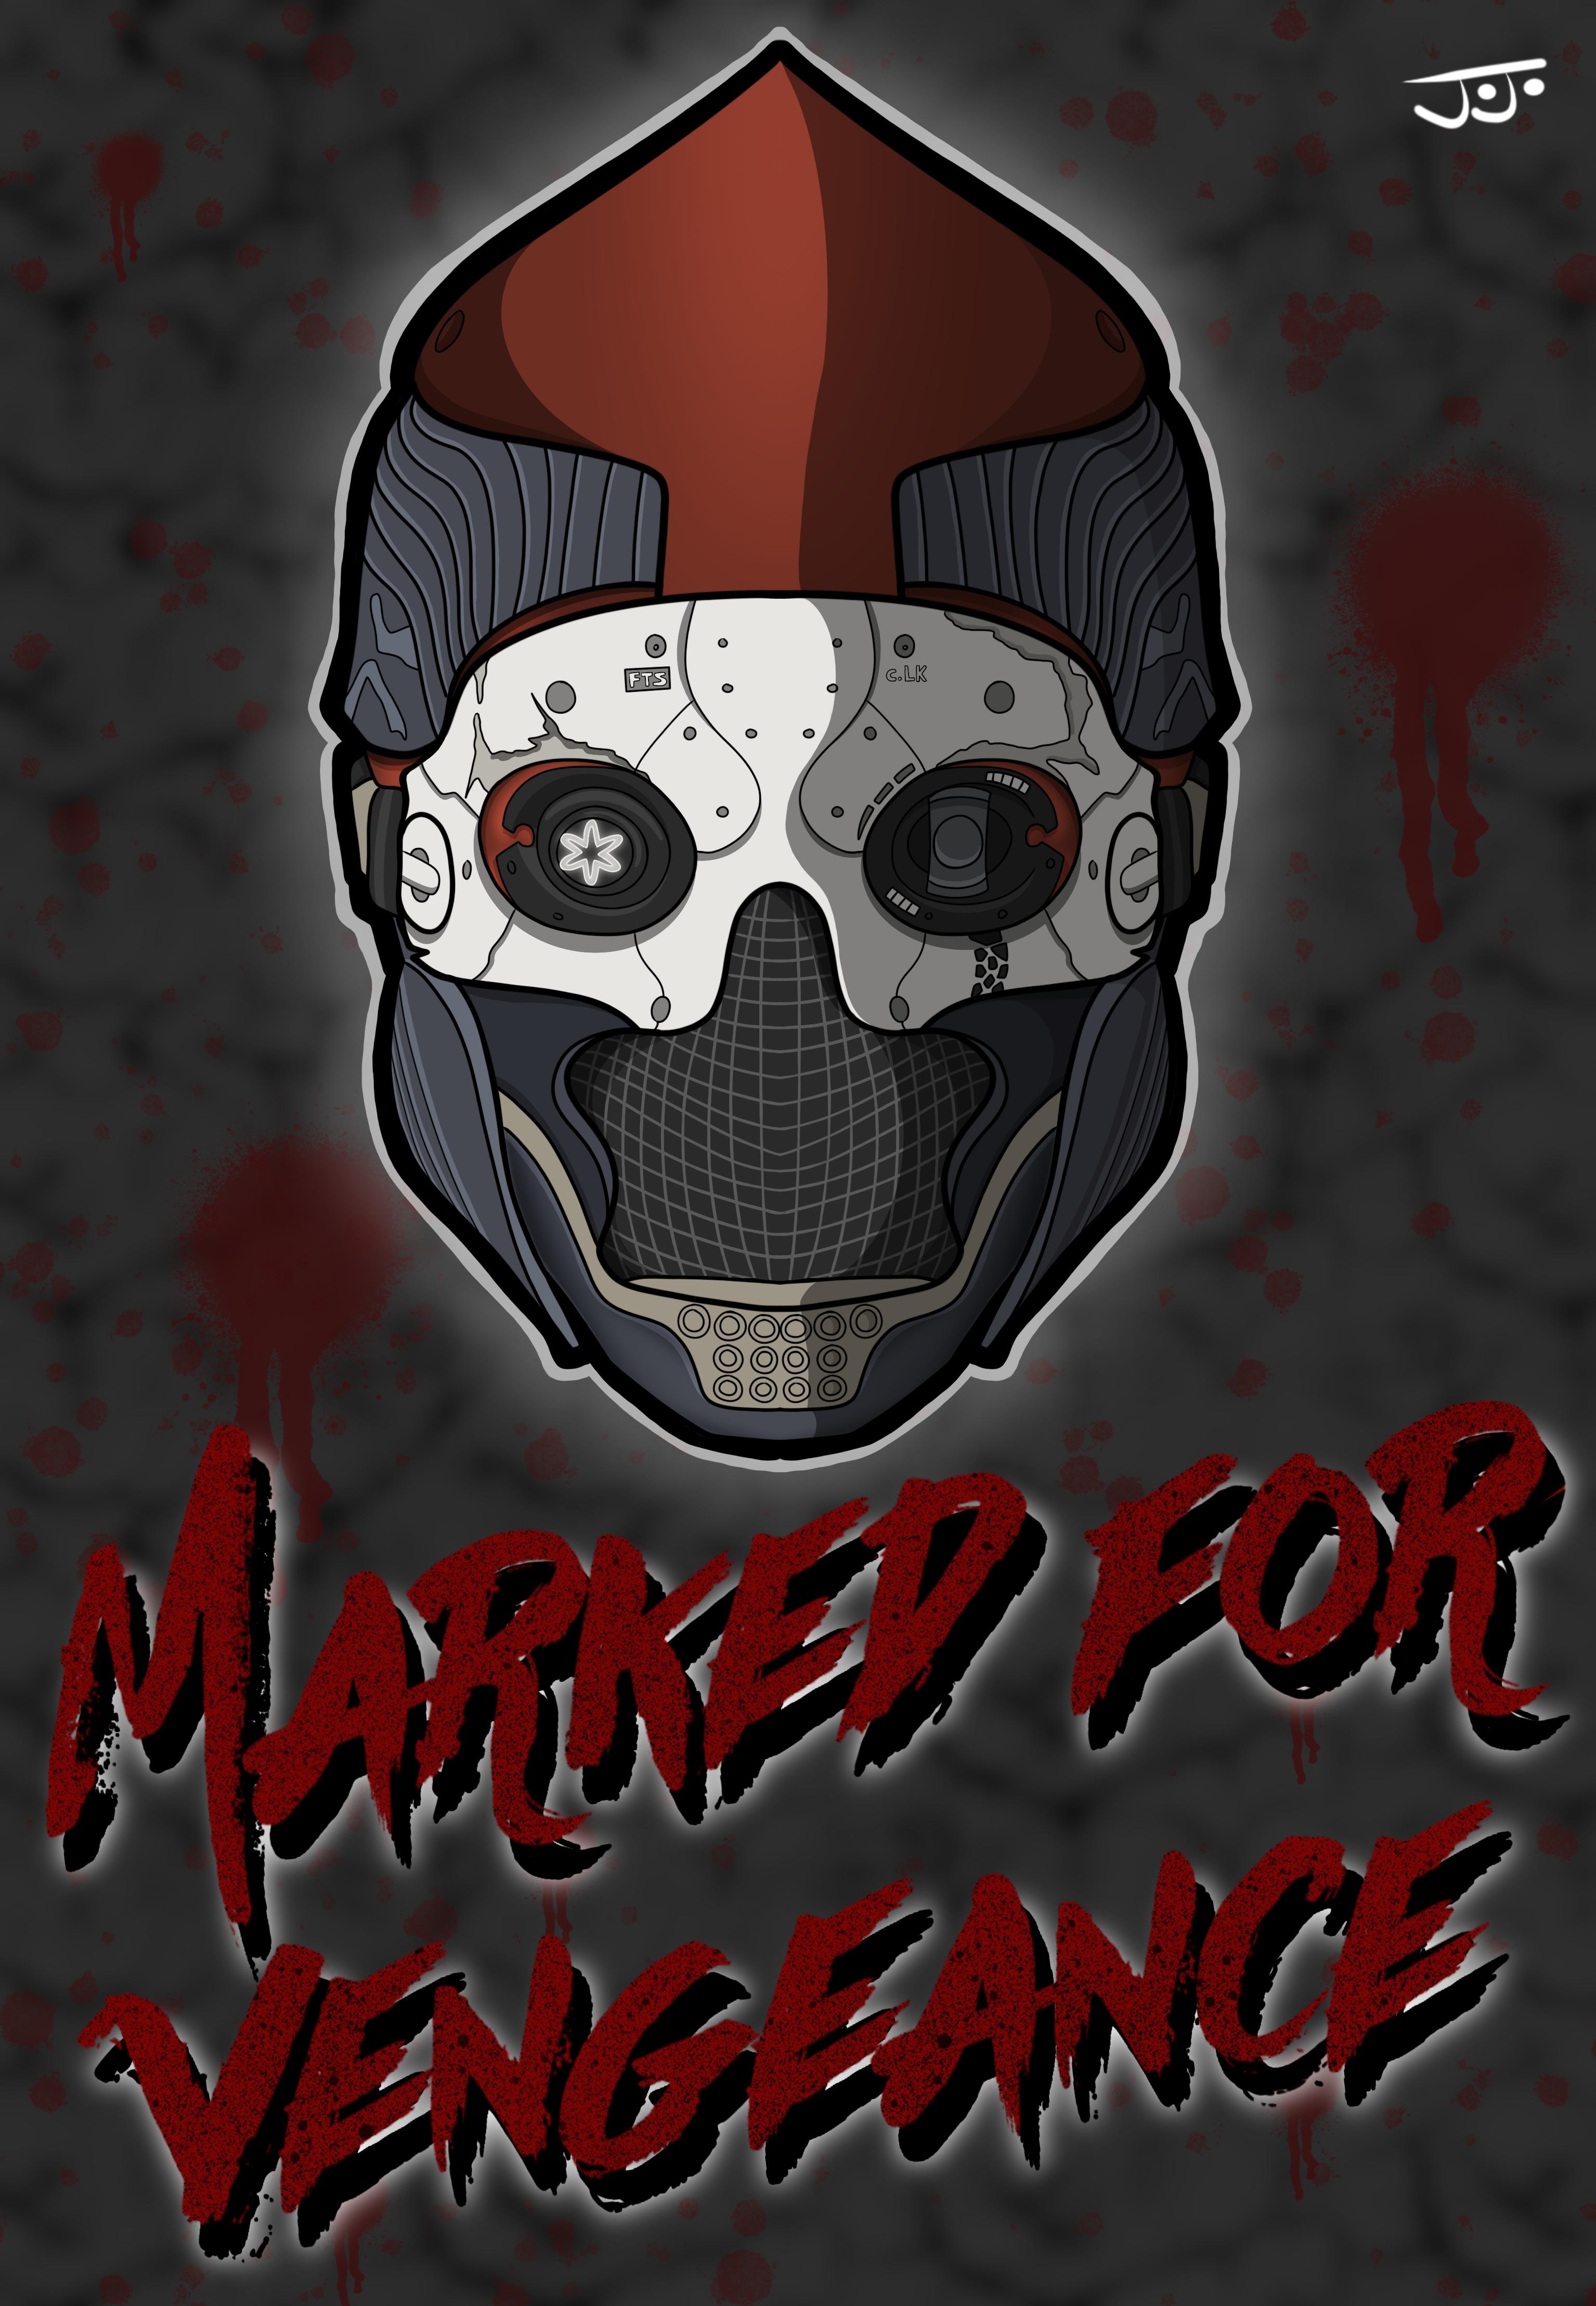 Marked for Vengeance